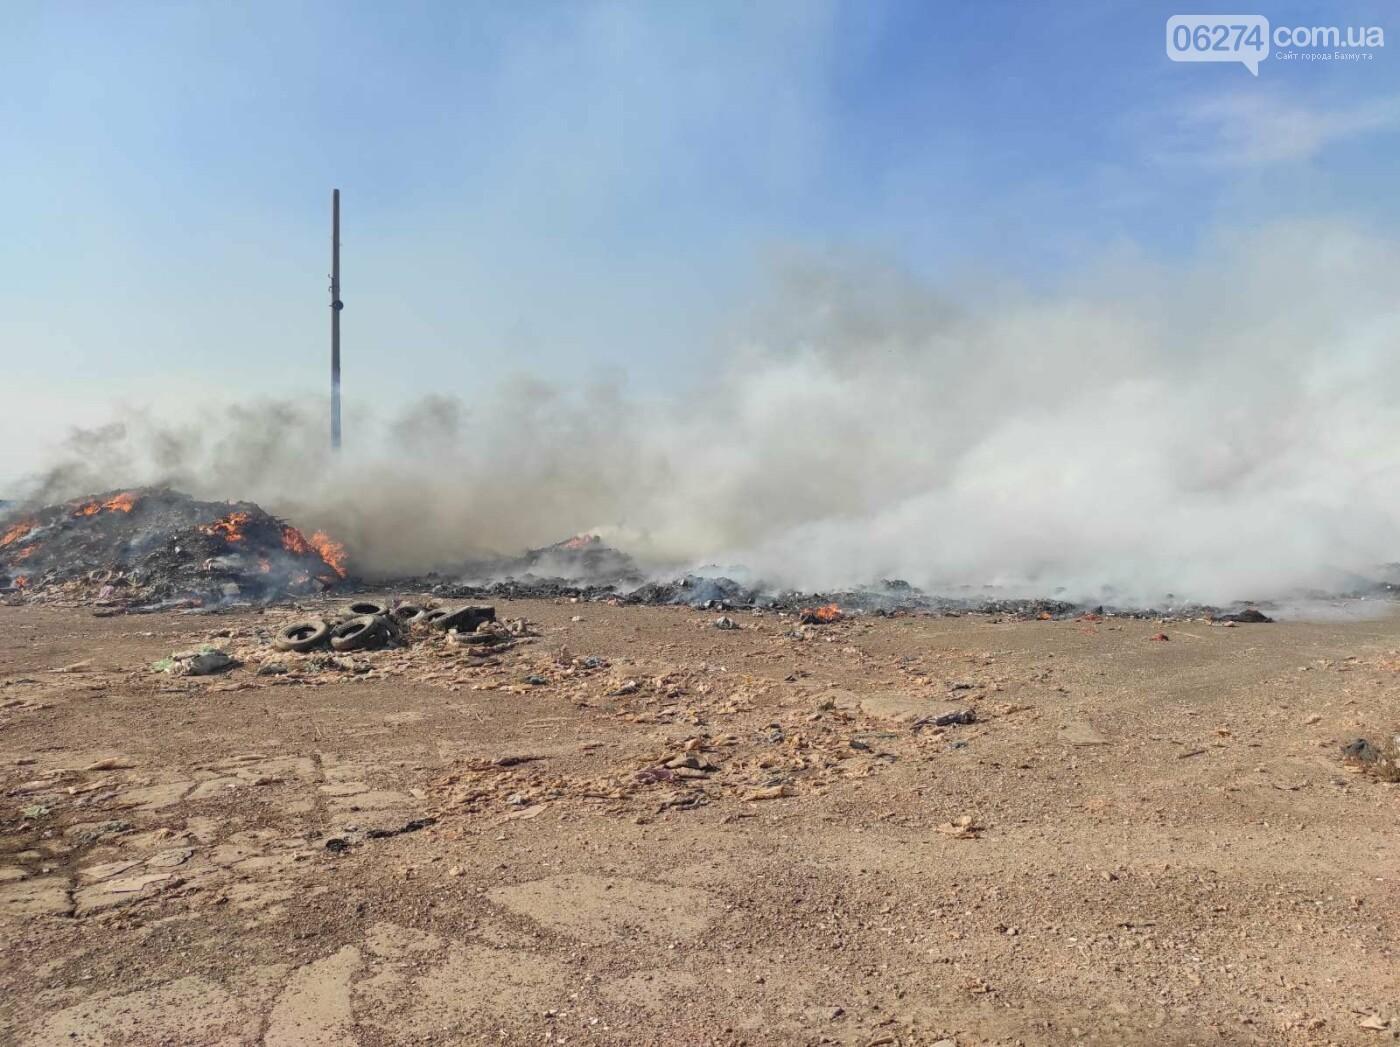 В Бахмутском районе продолжается ликвидация пожара на санкционированной свалке, фото-3